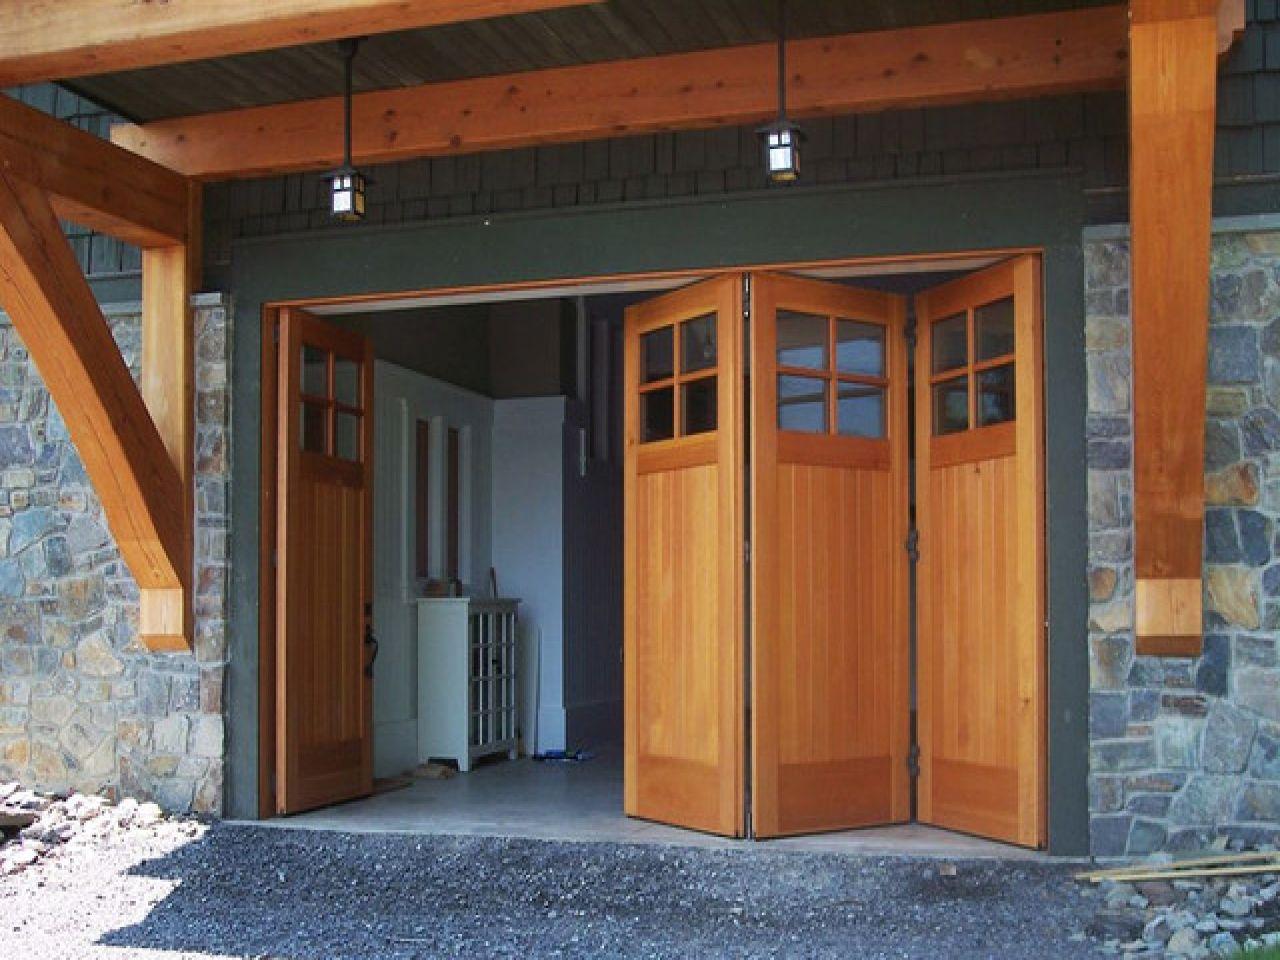 43 Awesome Garage Doors Design Ideas Garage Door Design Sliding Garage Doors Garage Doors